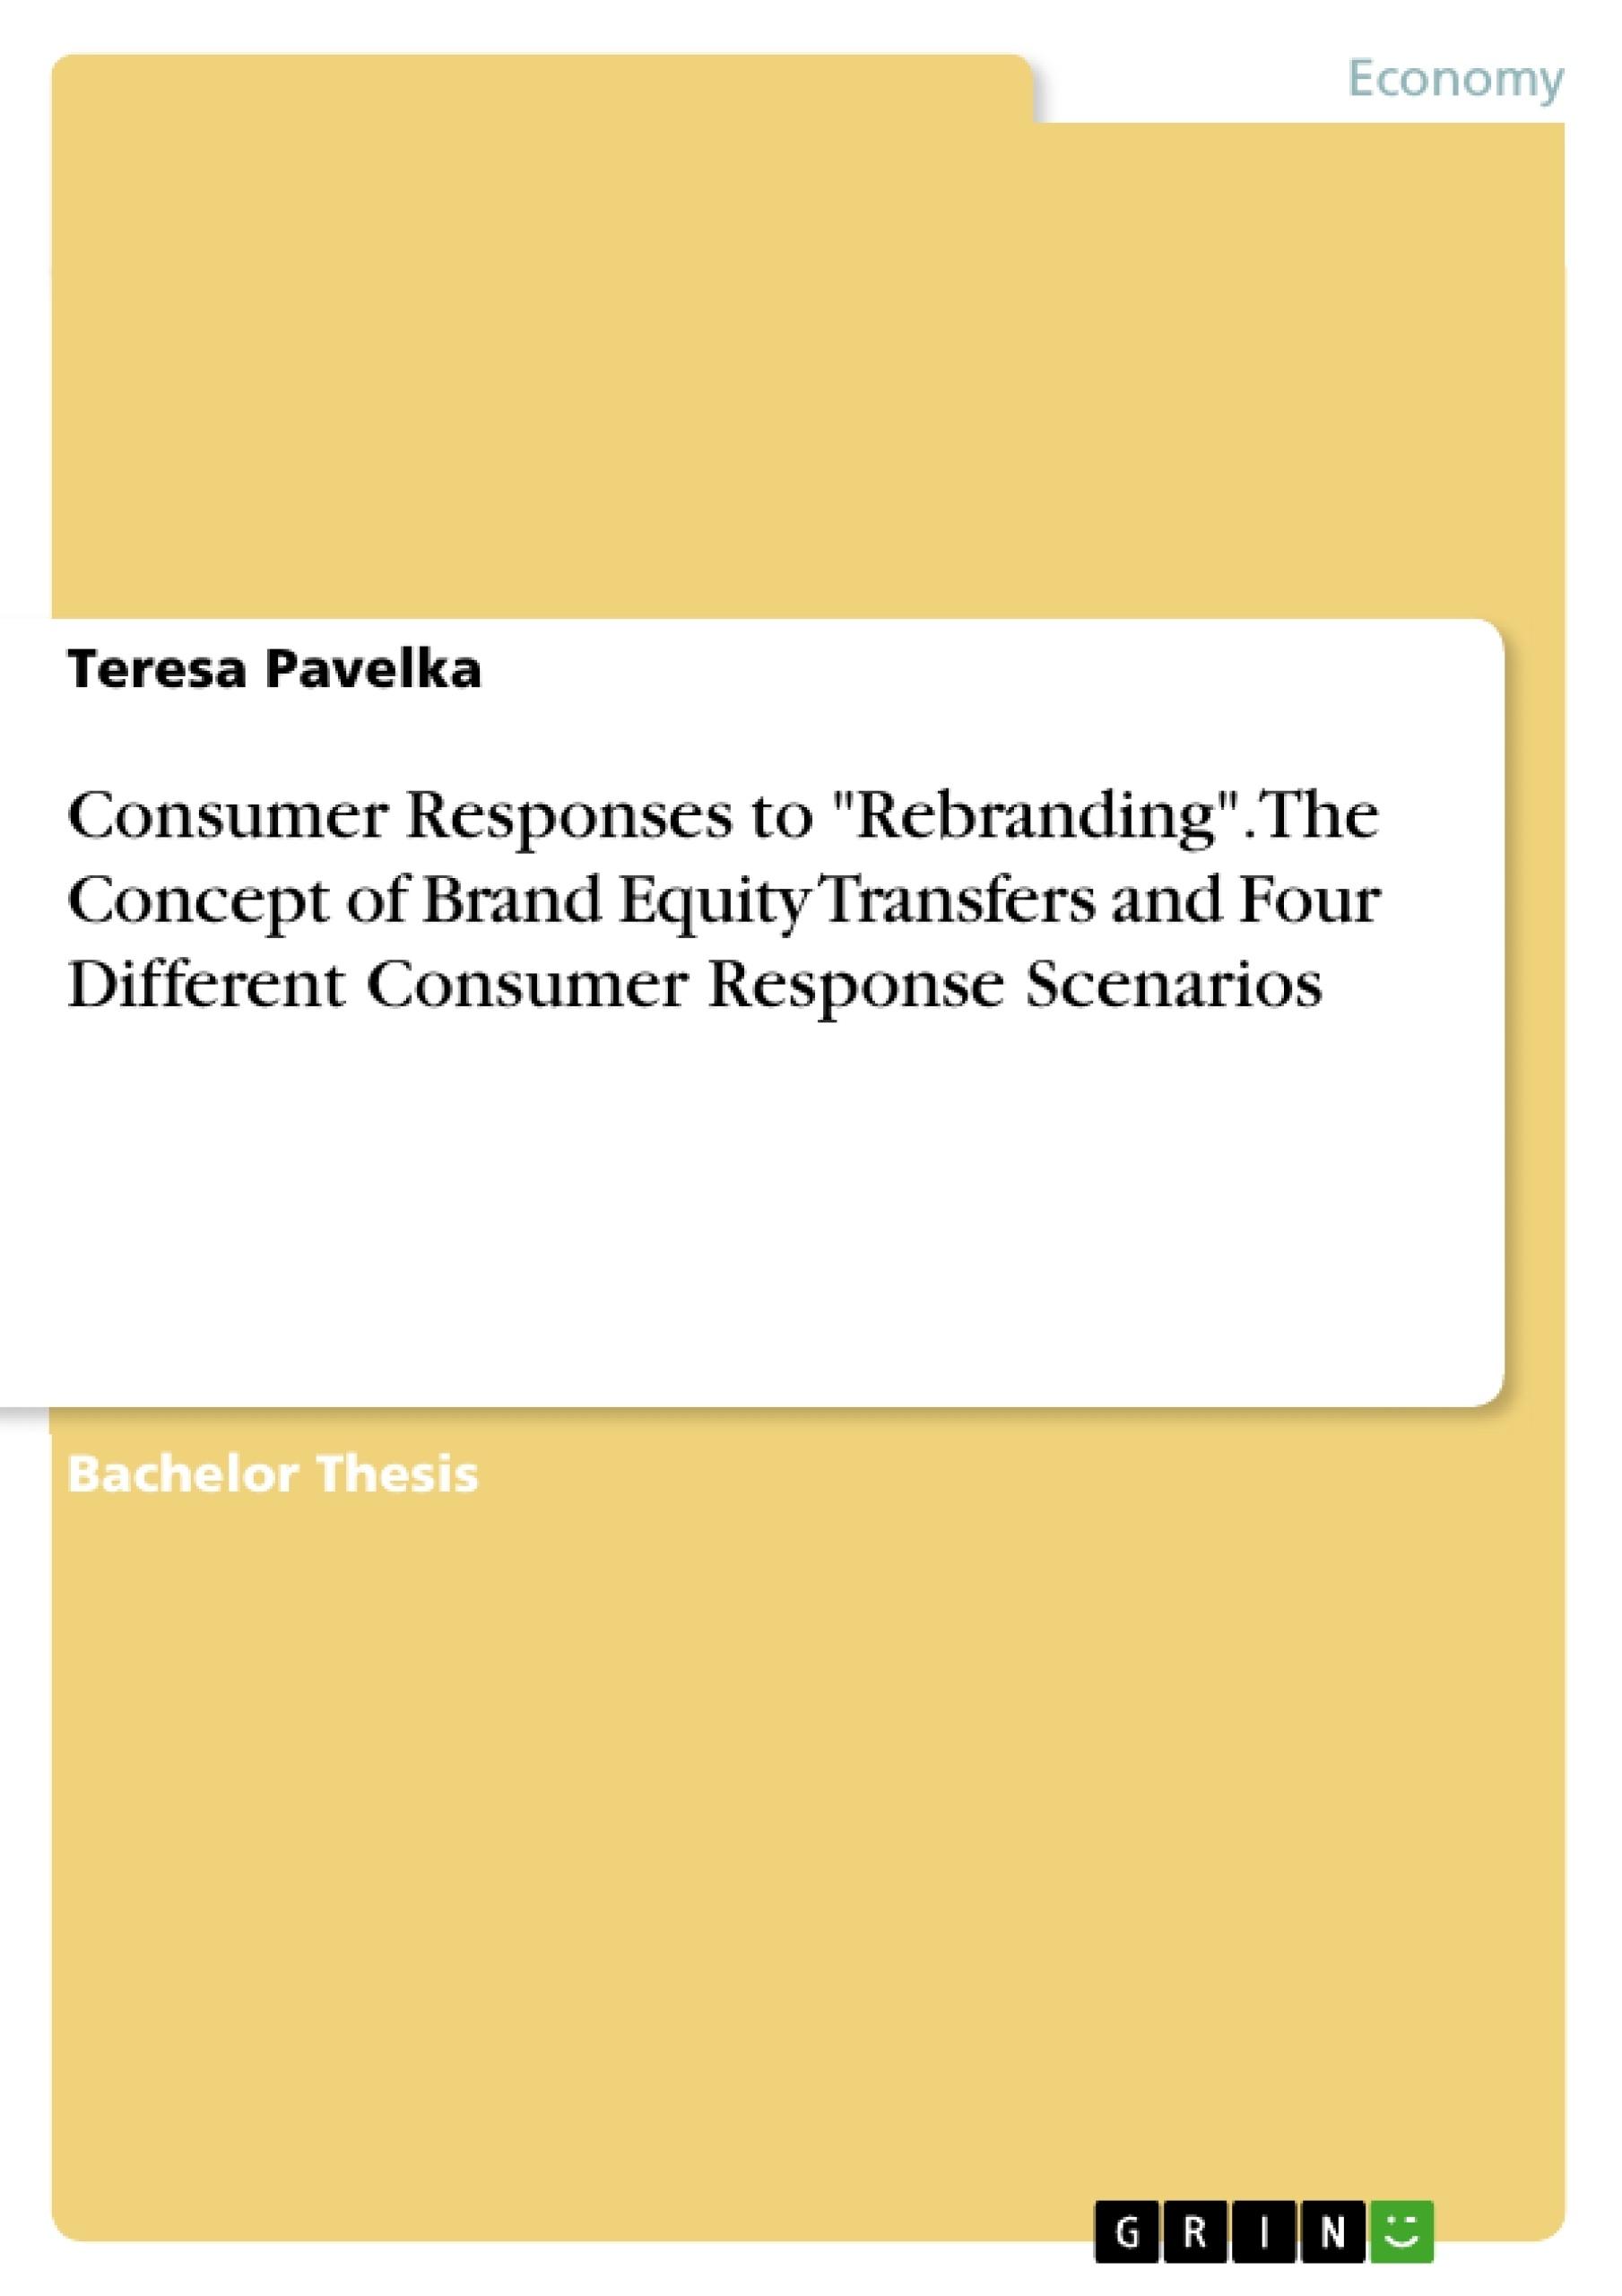 rebranding thesis